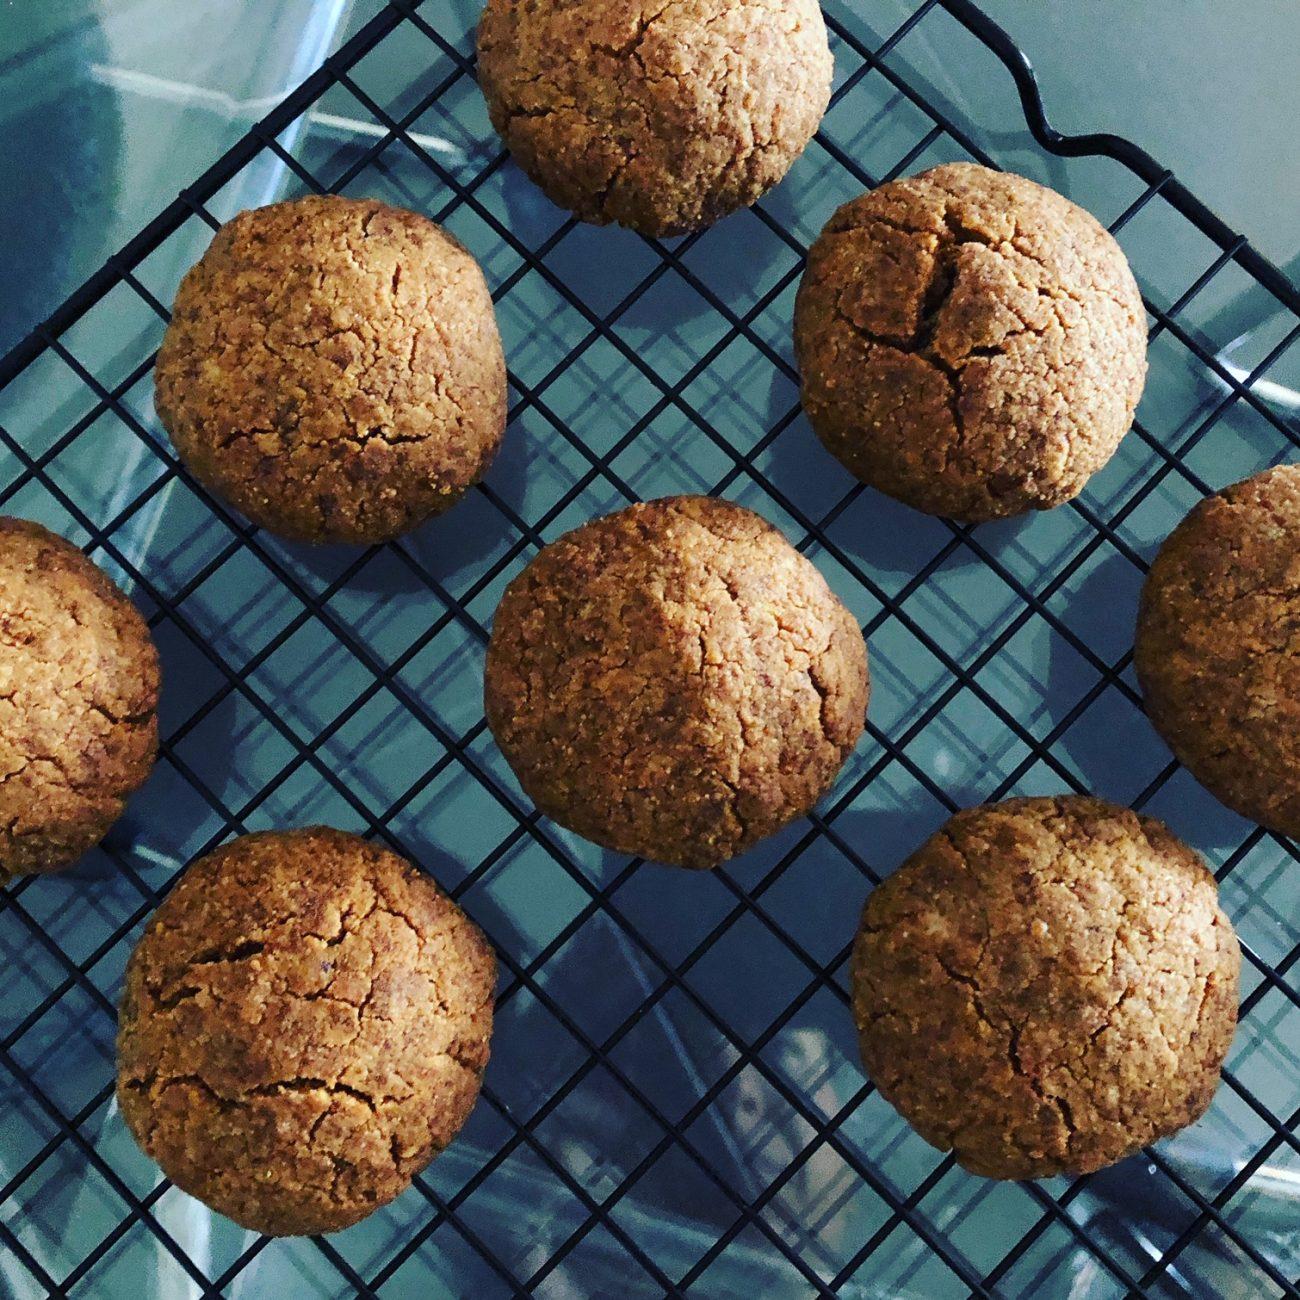 Μπισκότα καρύδας χωρίς γλουτένη (low-carb & keto)